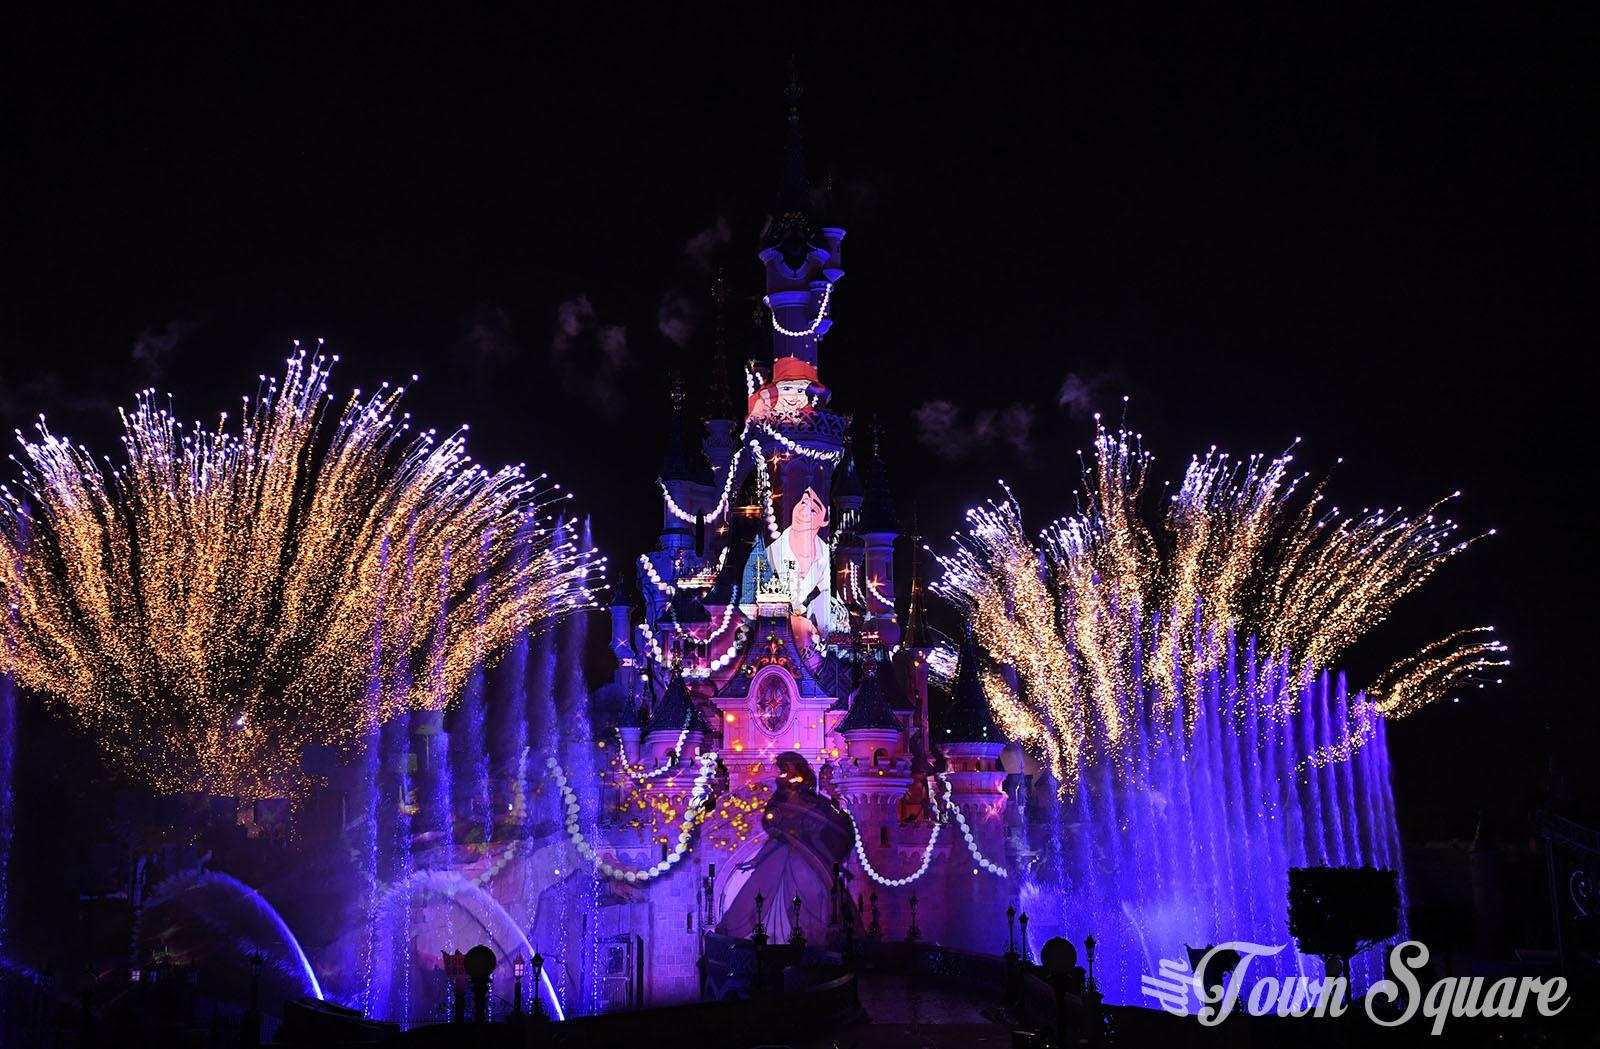 The Little Mermaid in Disney Illuminations